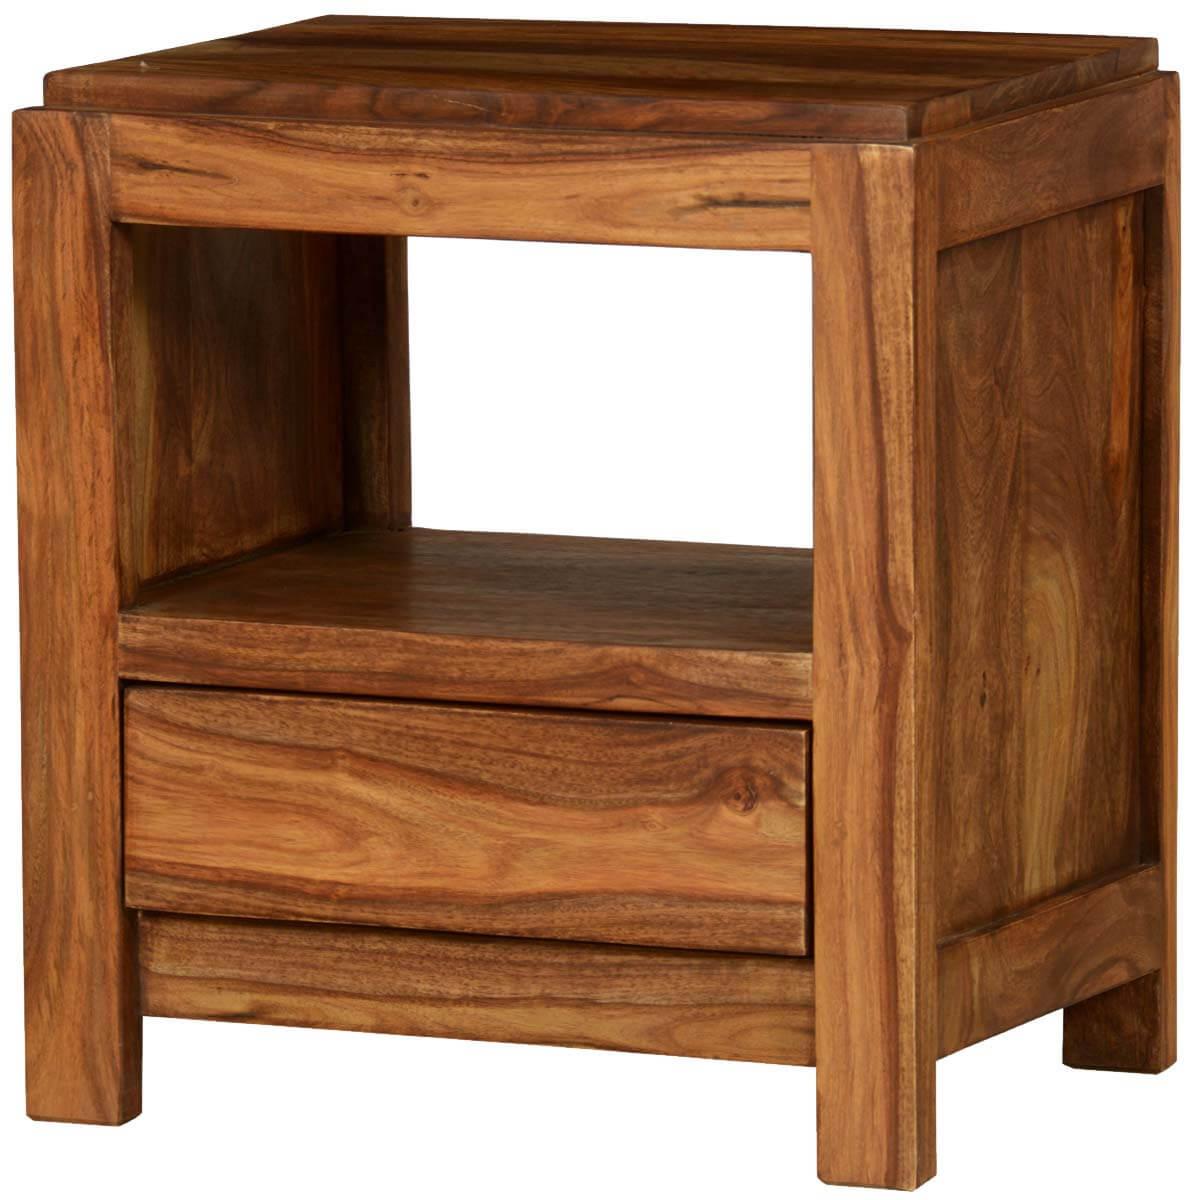 Pioneer Modern Rustic Solid Wood Nightstand End Table w Drawer